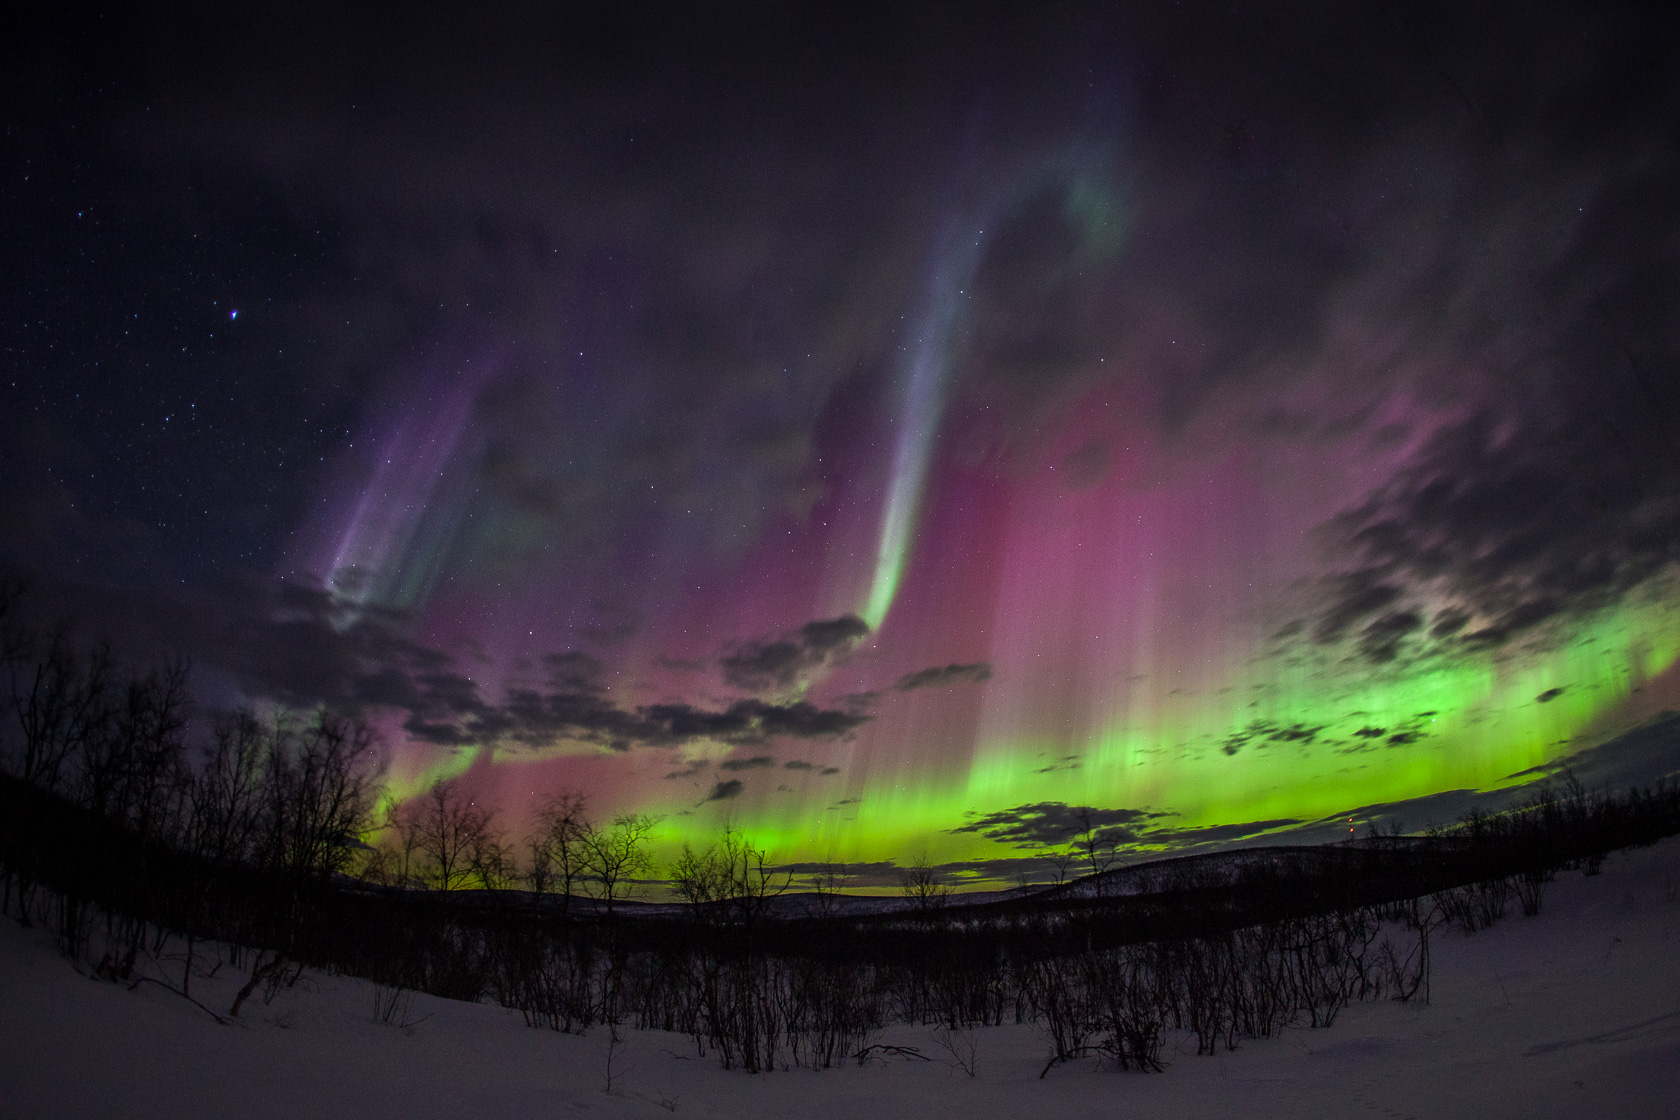 aurores boréales multicolores, très actives pendant une très forte tempête géomagnétique sur la Laponie, en Finlande